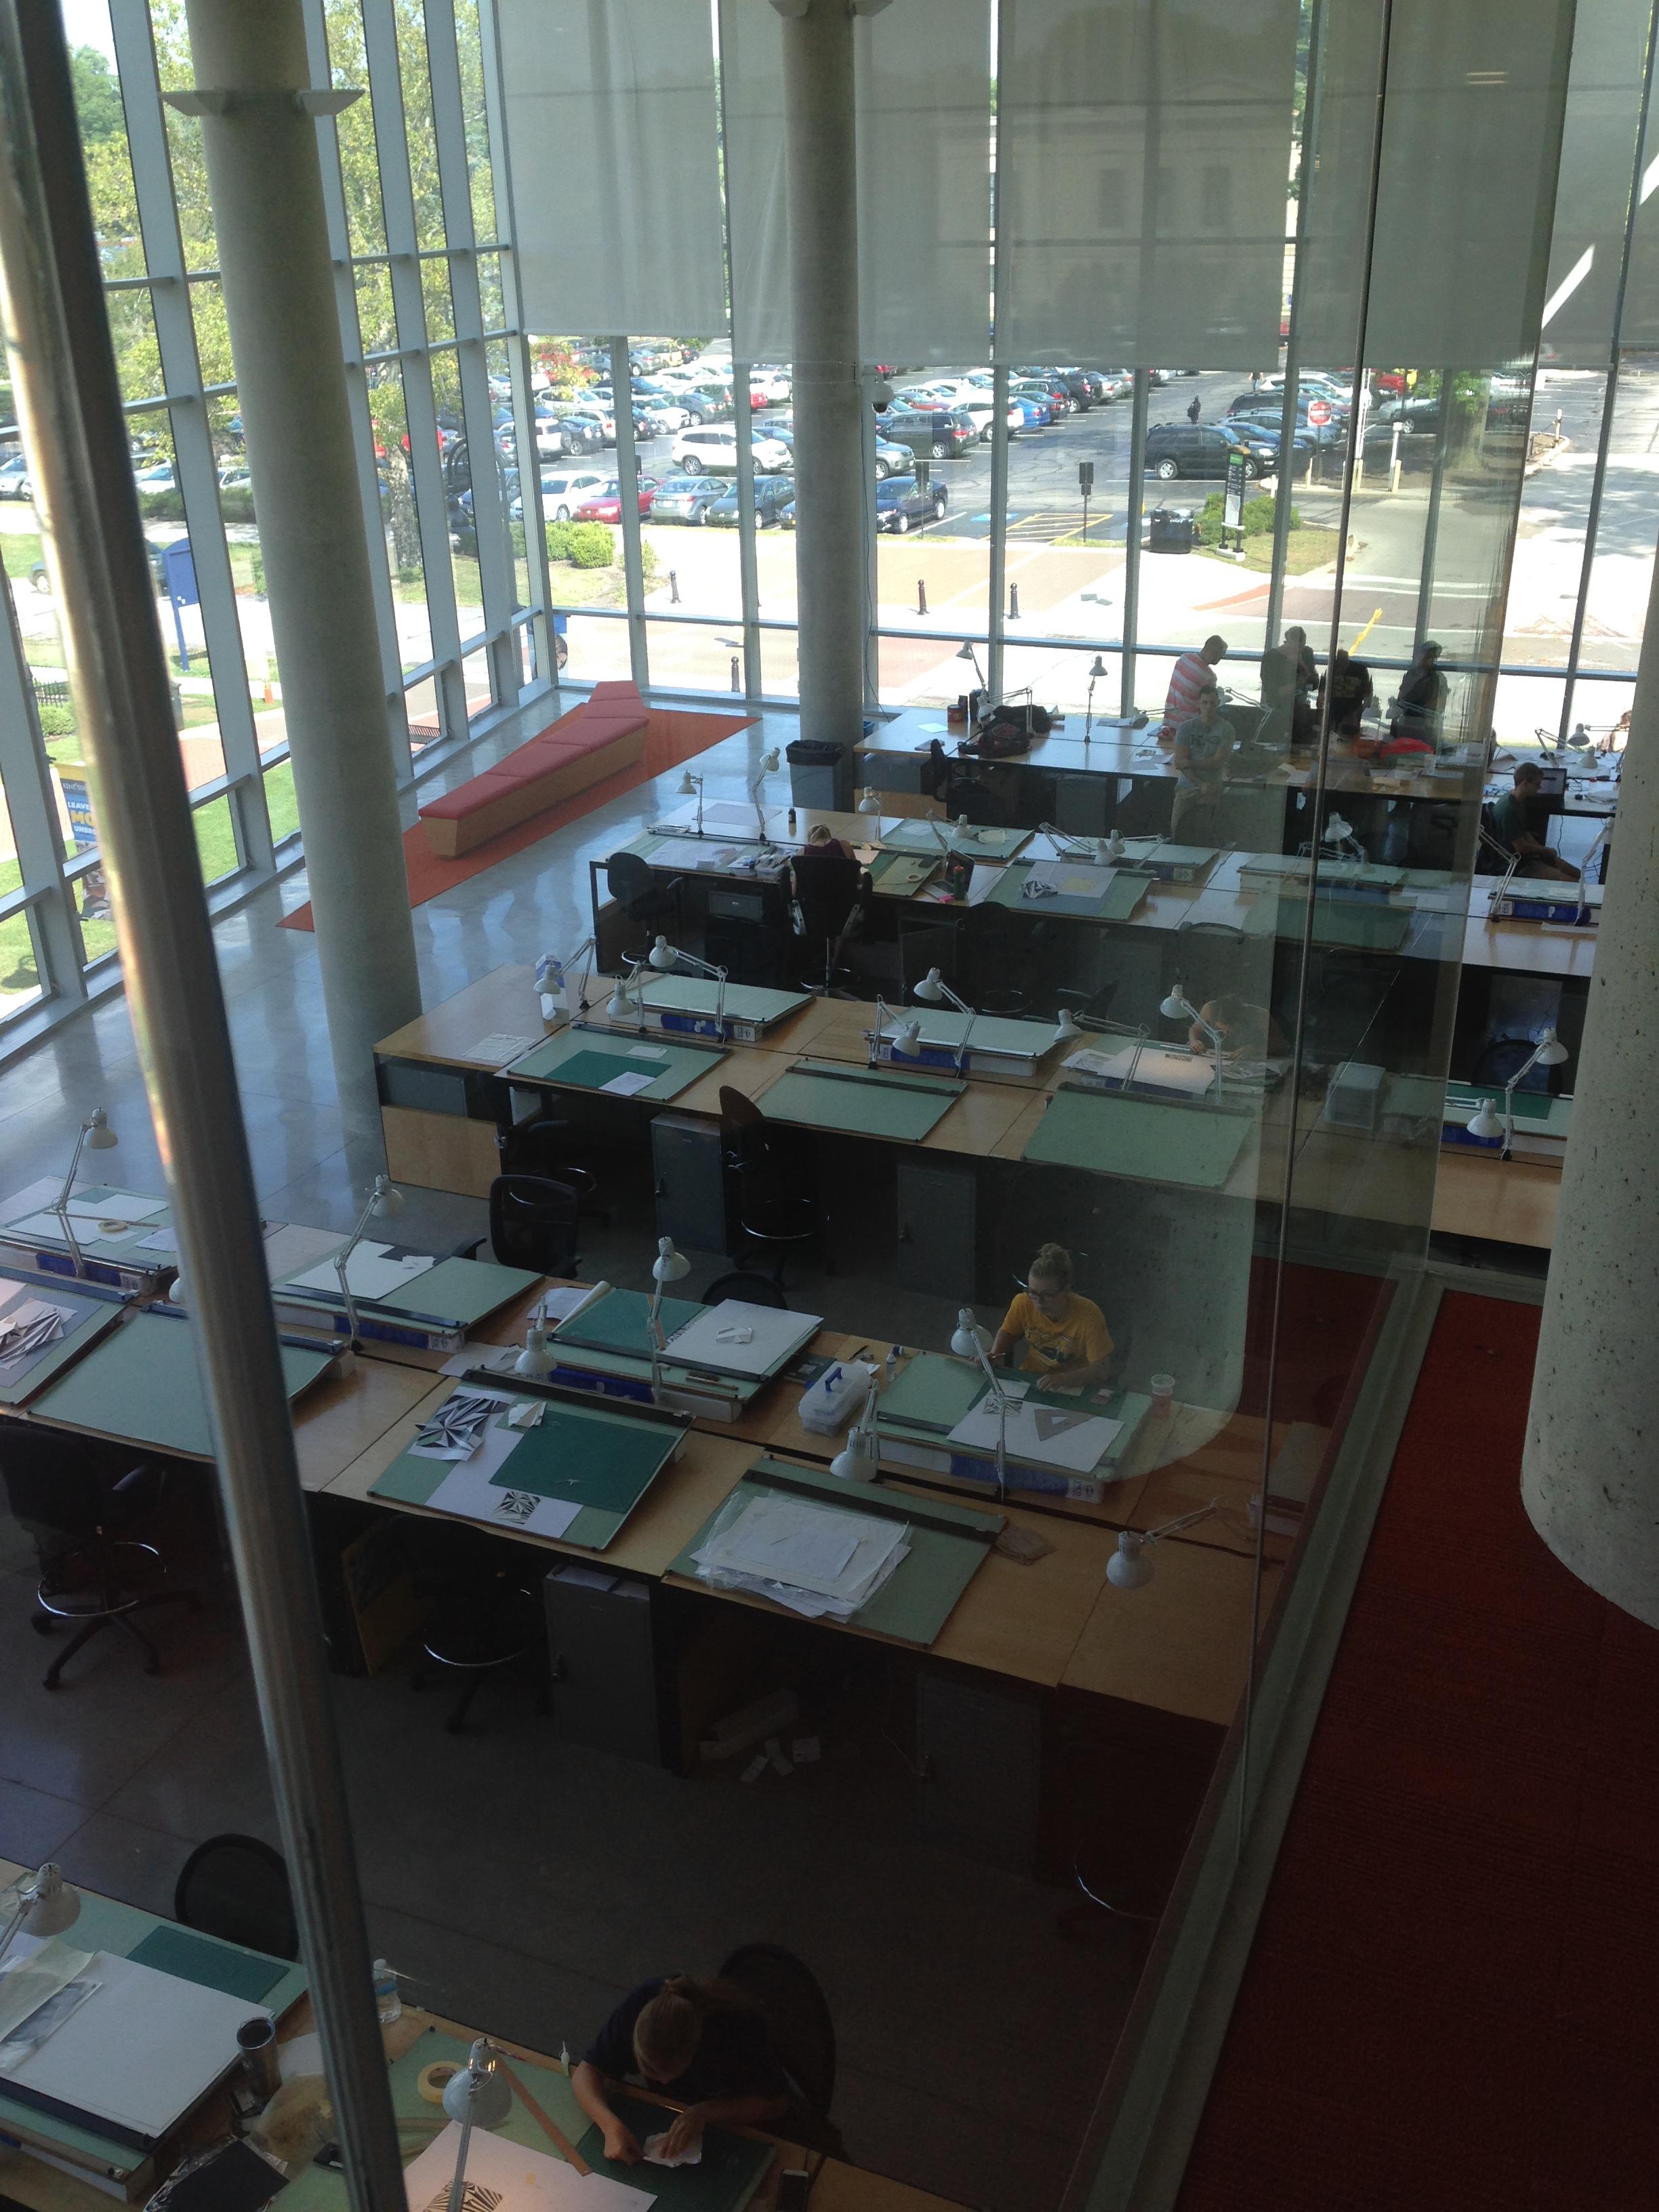 ksu-arch-building-interior